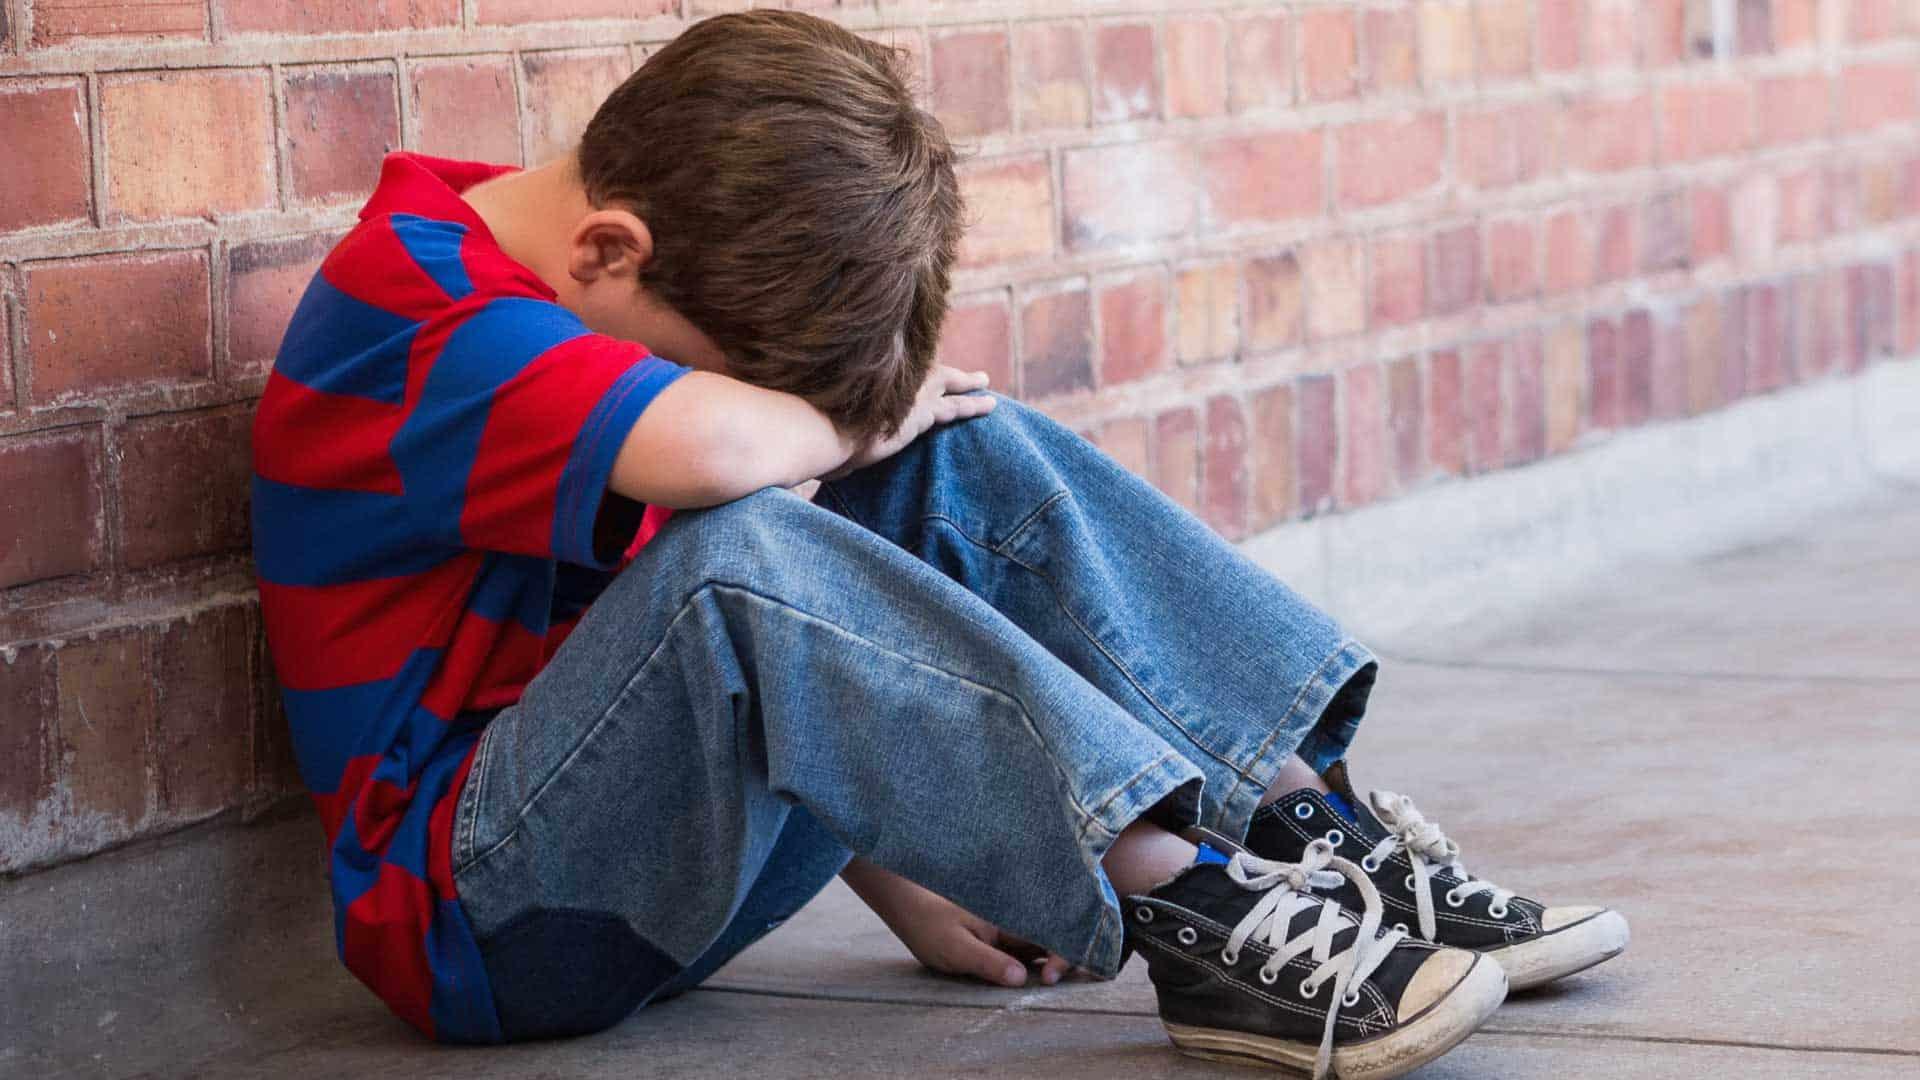 Сын наказал свою мать жестоко, Властная мать наказала нахального сына 11 фотография